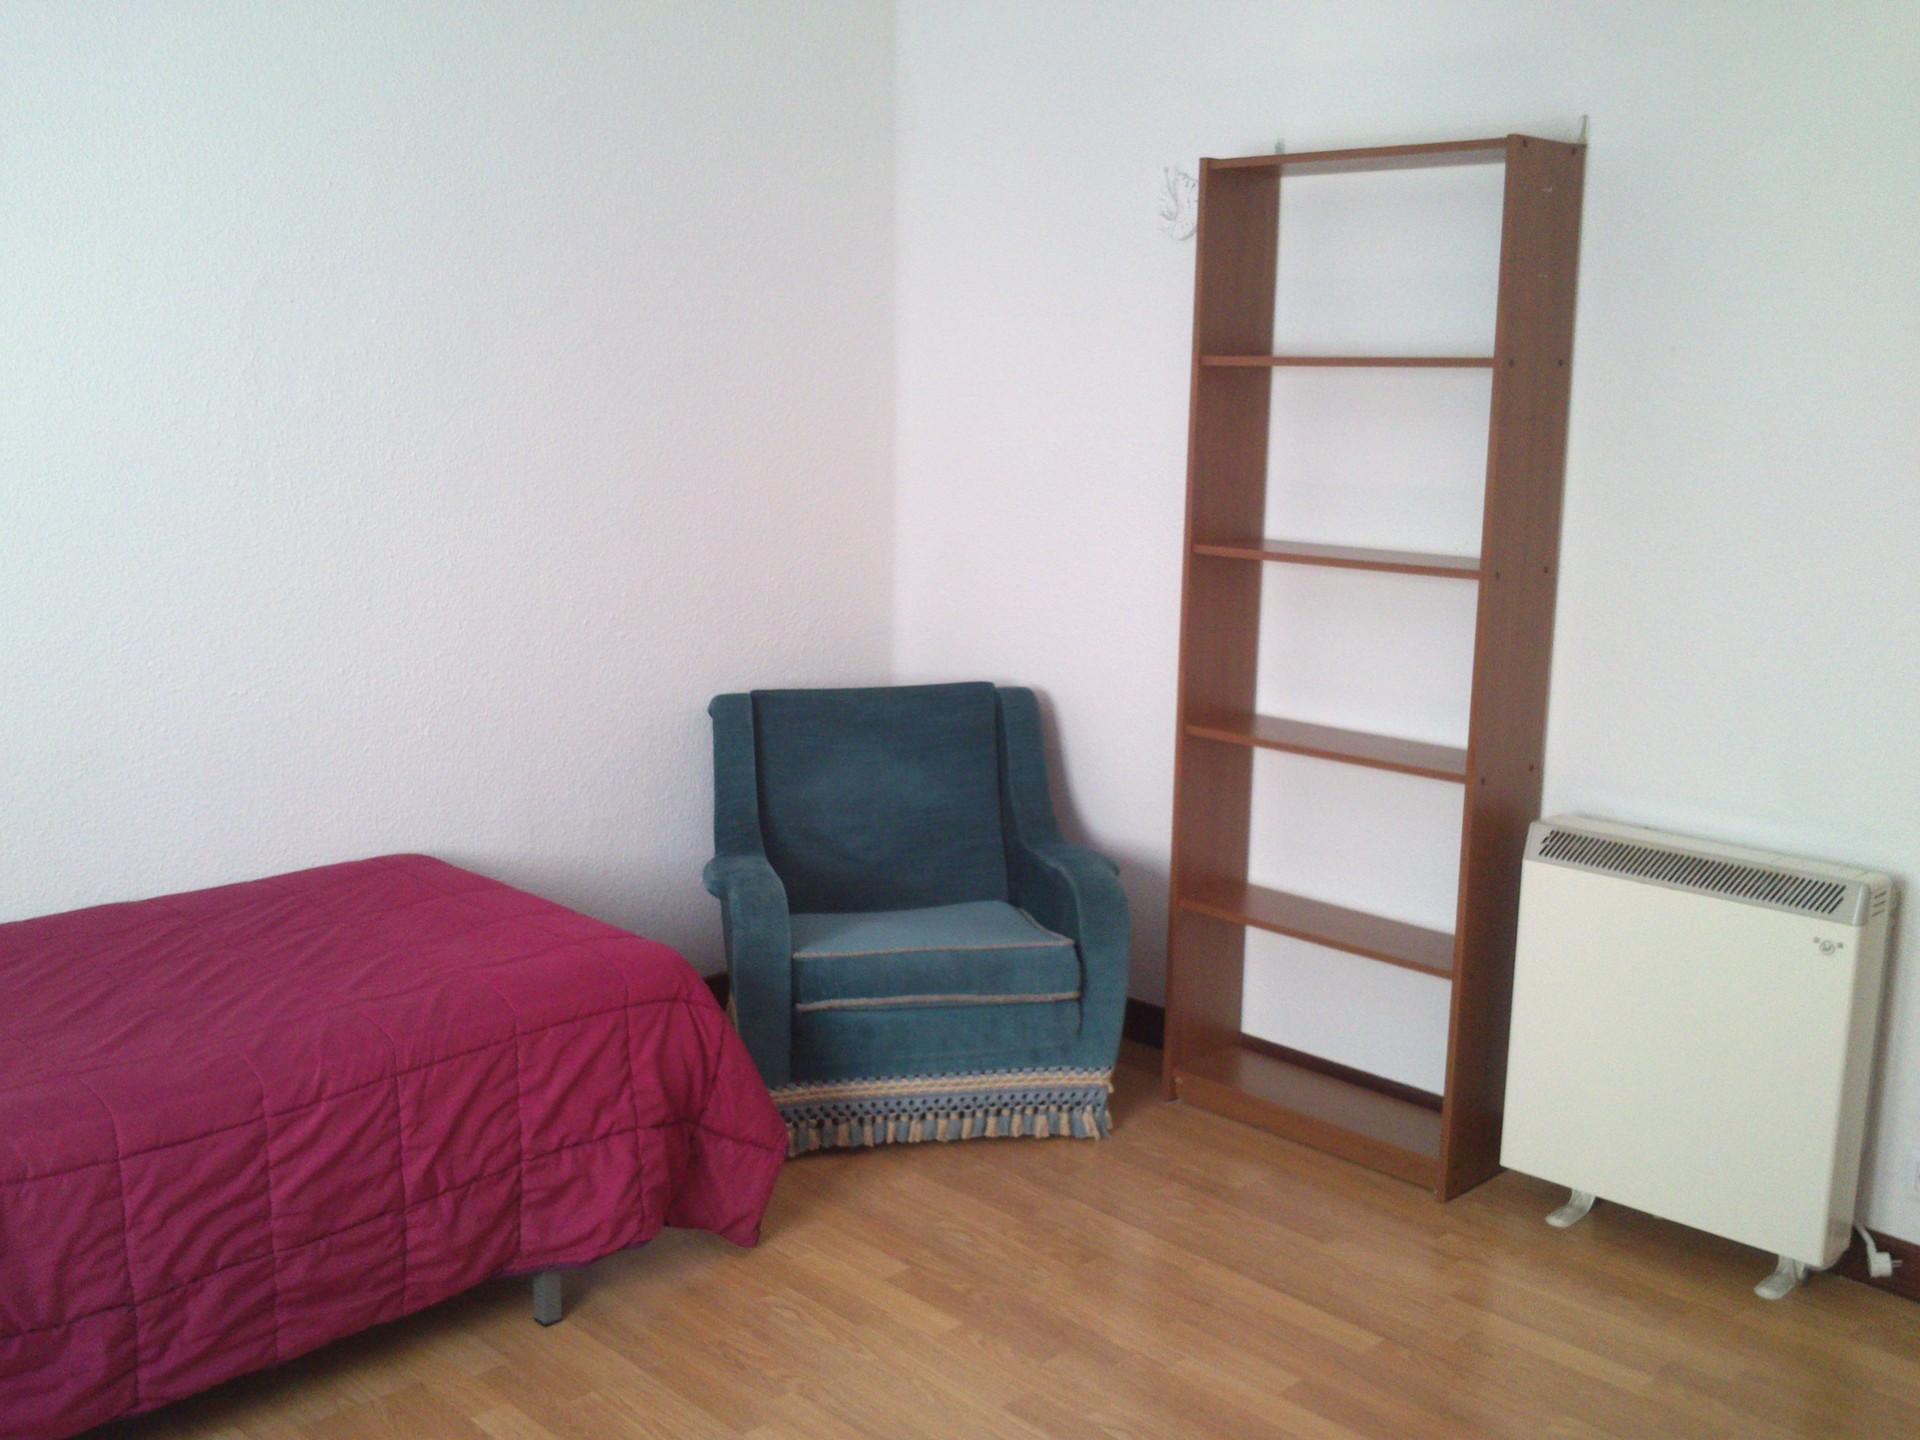 Habitaciones en piso compartido para chicas estudiantes en Alquiler de habitacion en piso compartido